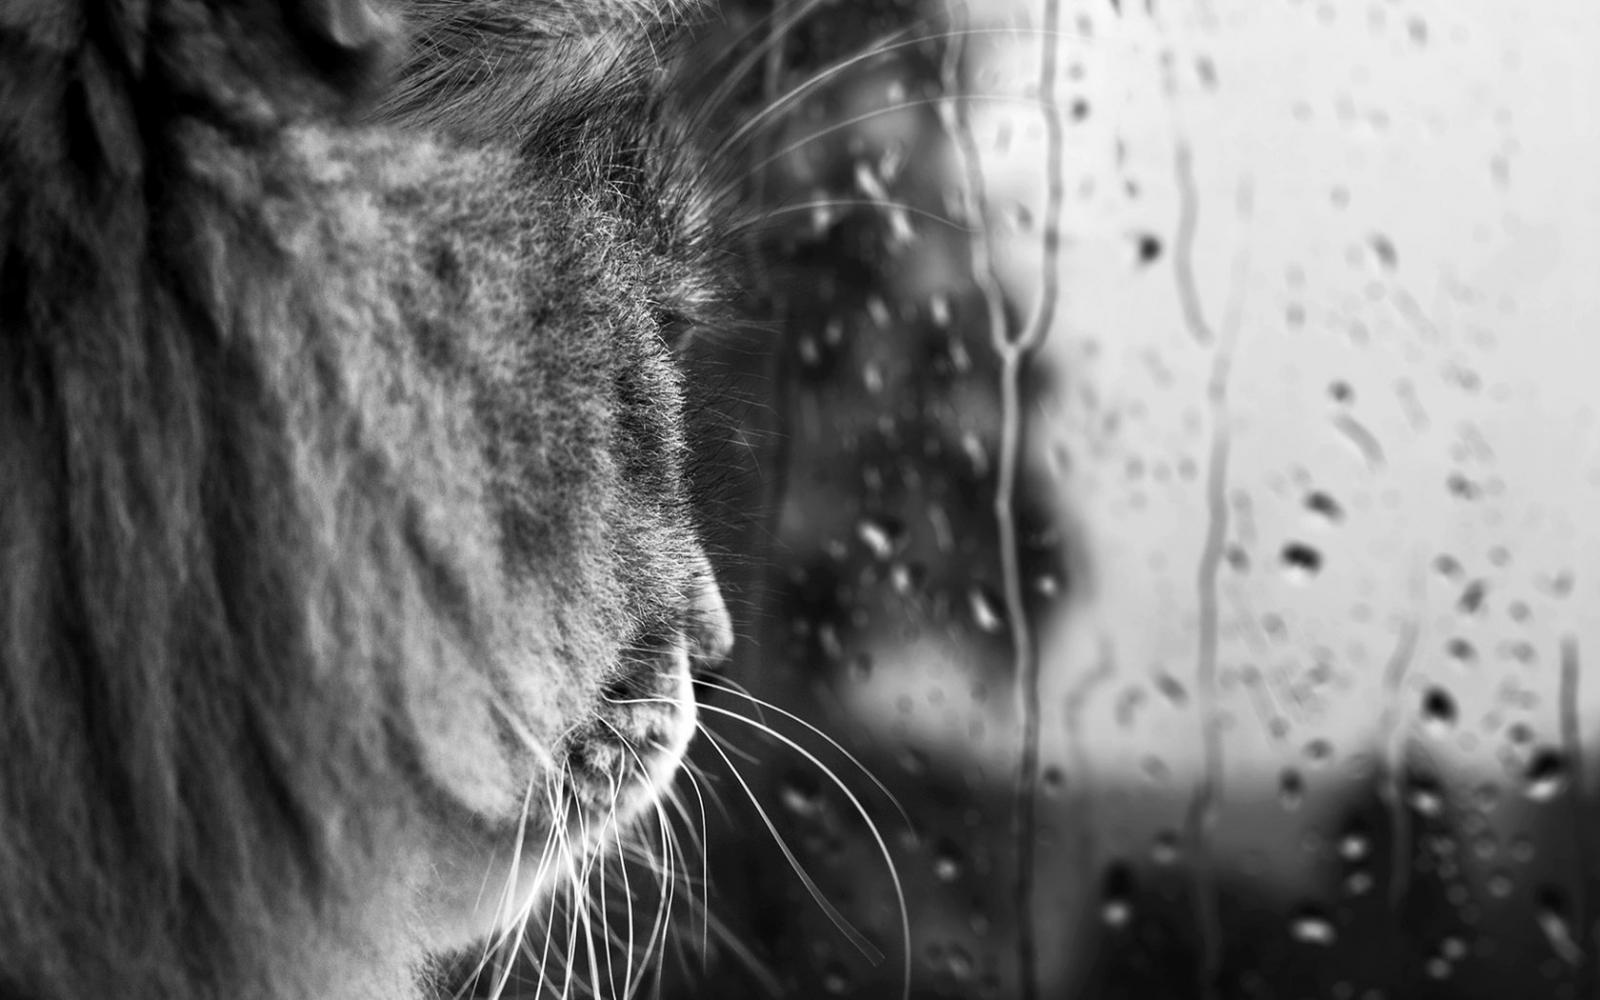 Завтра в Брянске целый день будет идти дождь